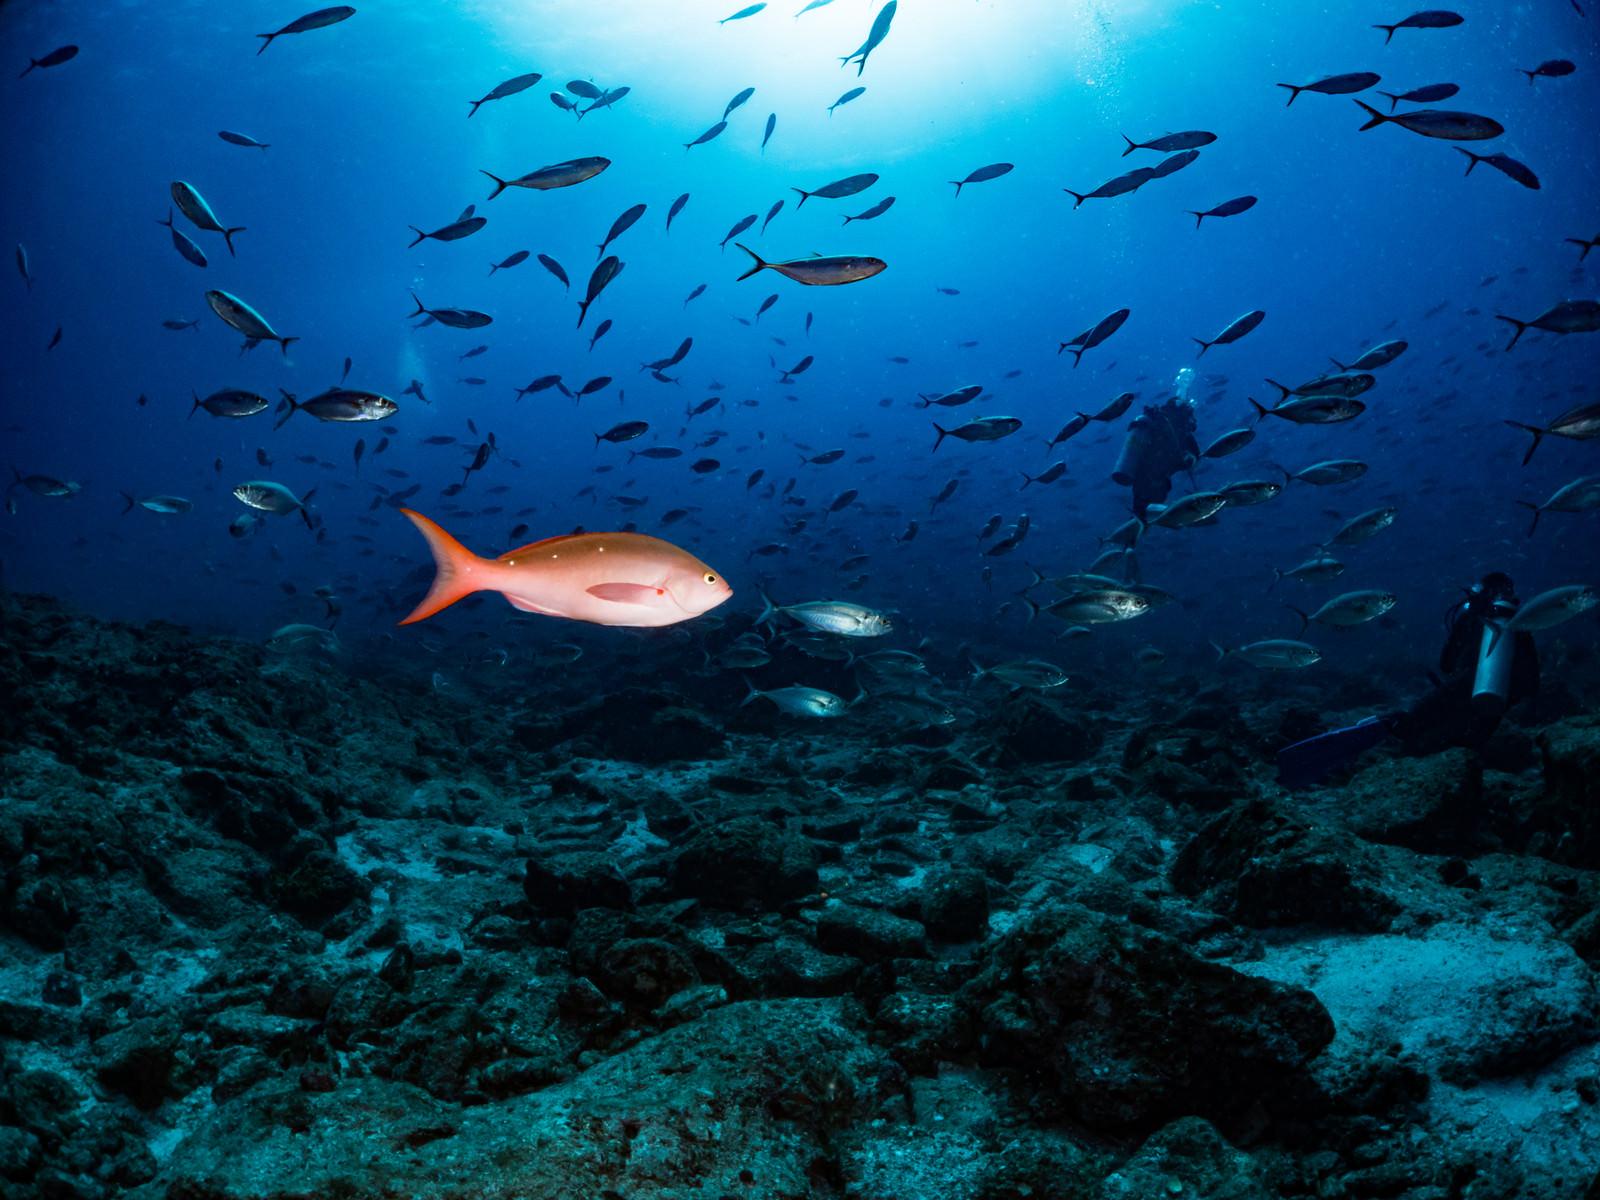 「ラパスを泳ぐ魚の群れの中にいるパシフィッククレオレフィッシュ(メキシコ)」の写真